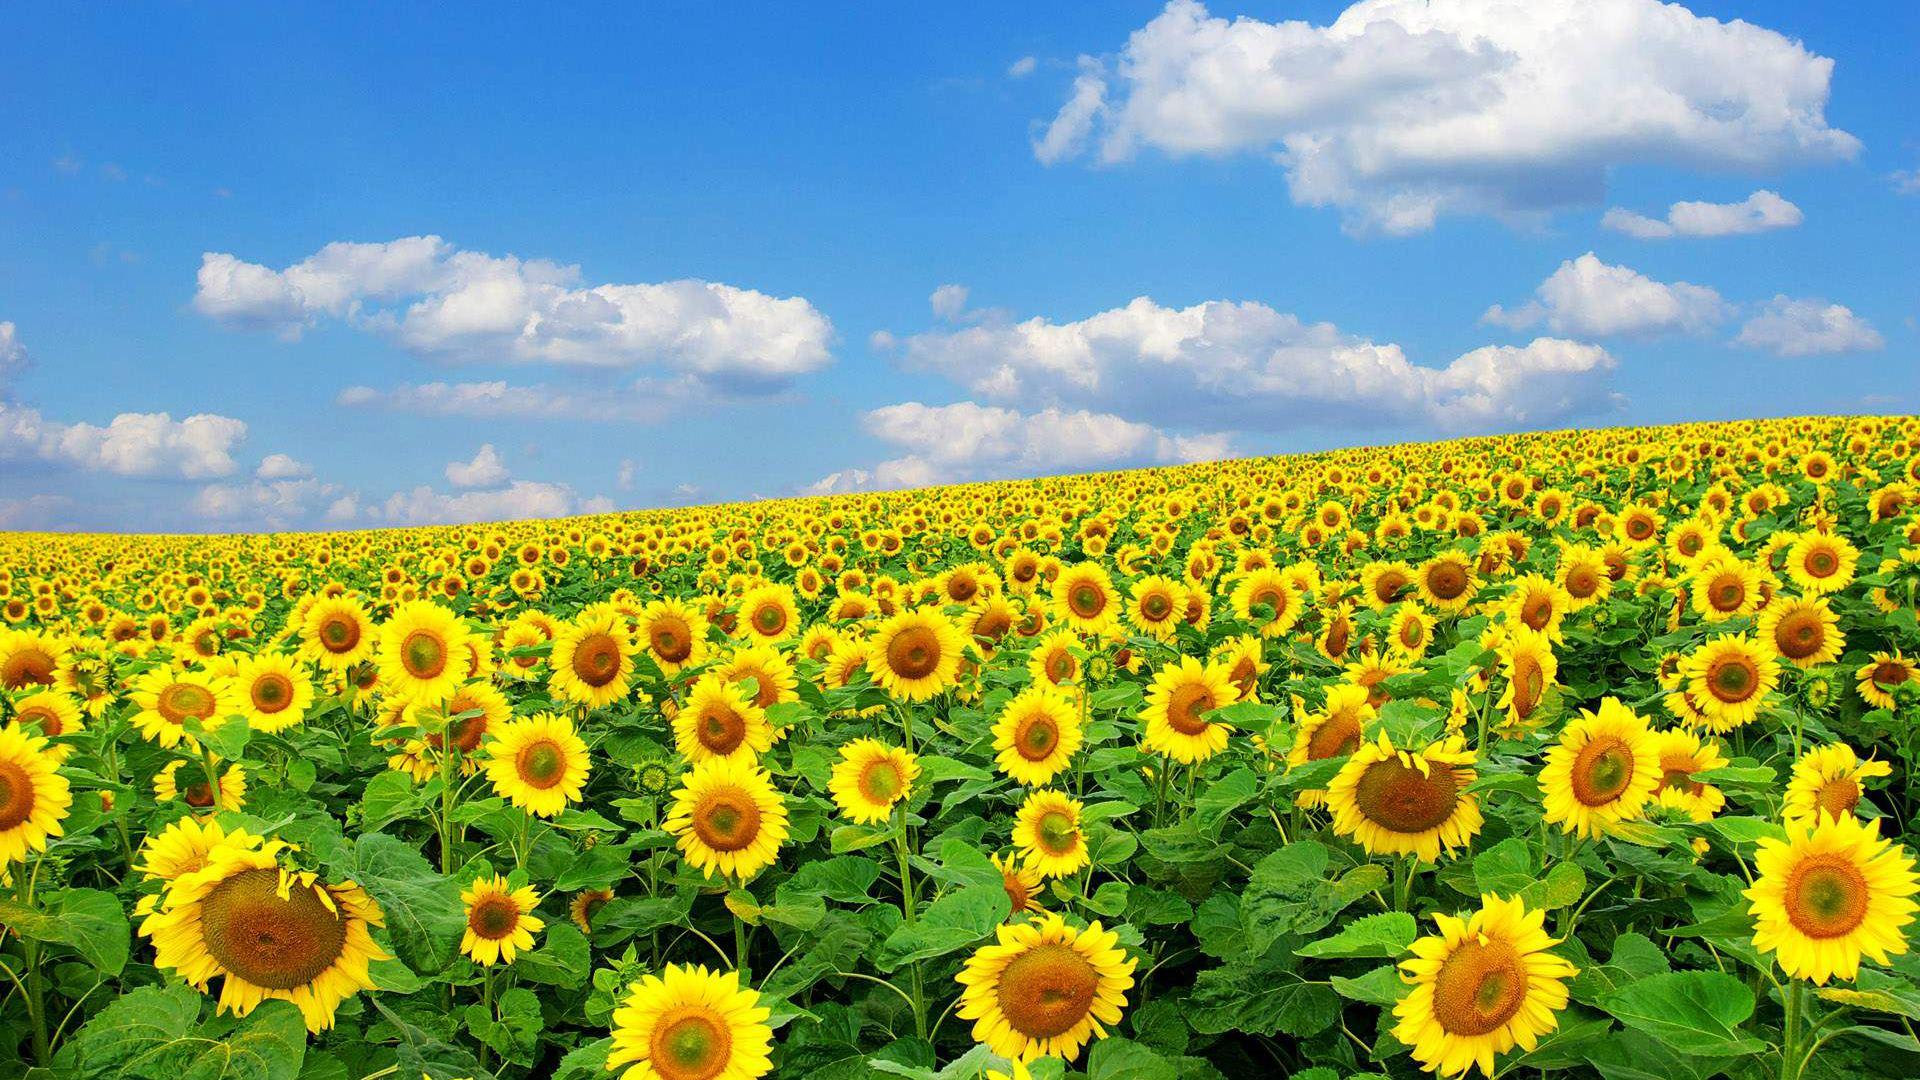 plants hd wallpapersflowers spring season desktop wallpaper 1692276 1920x1080